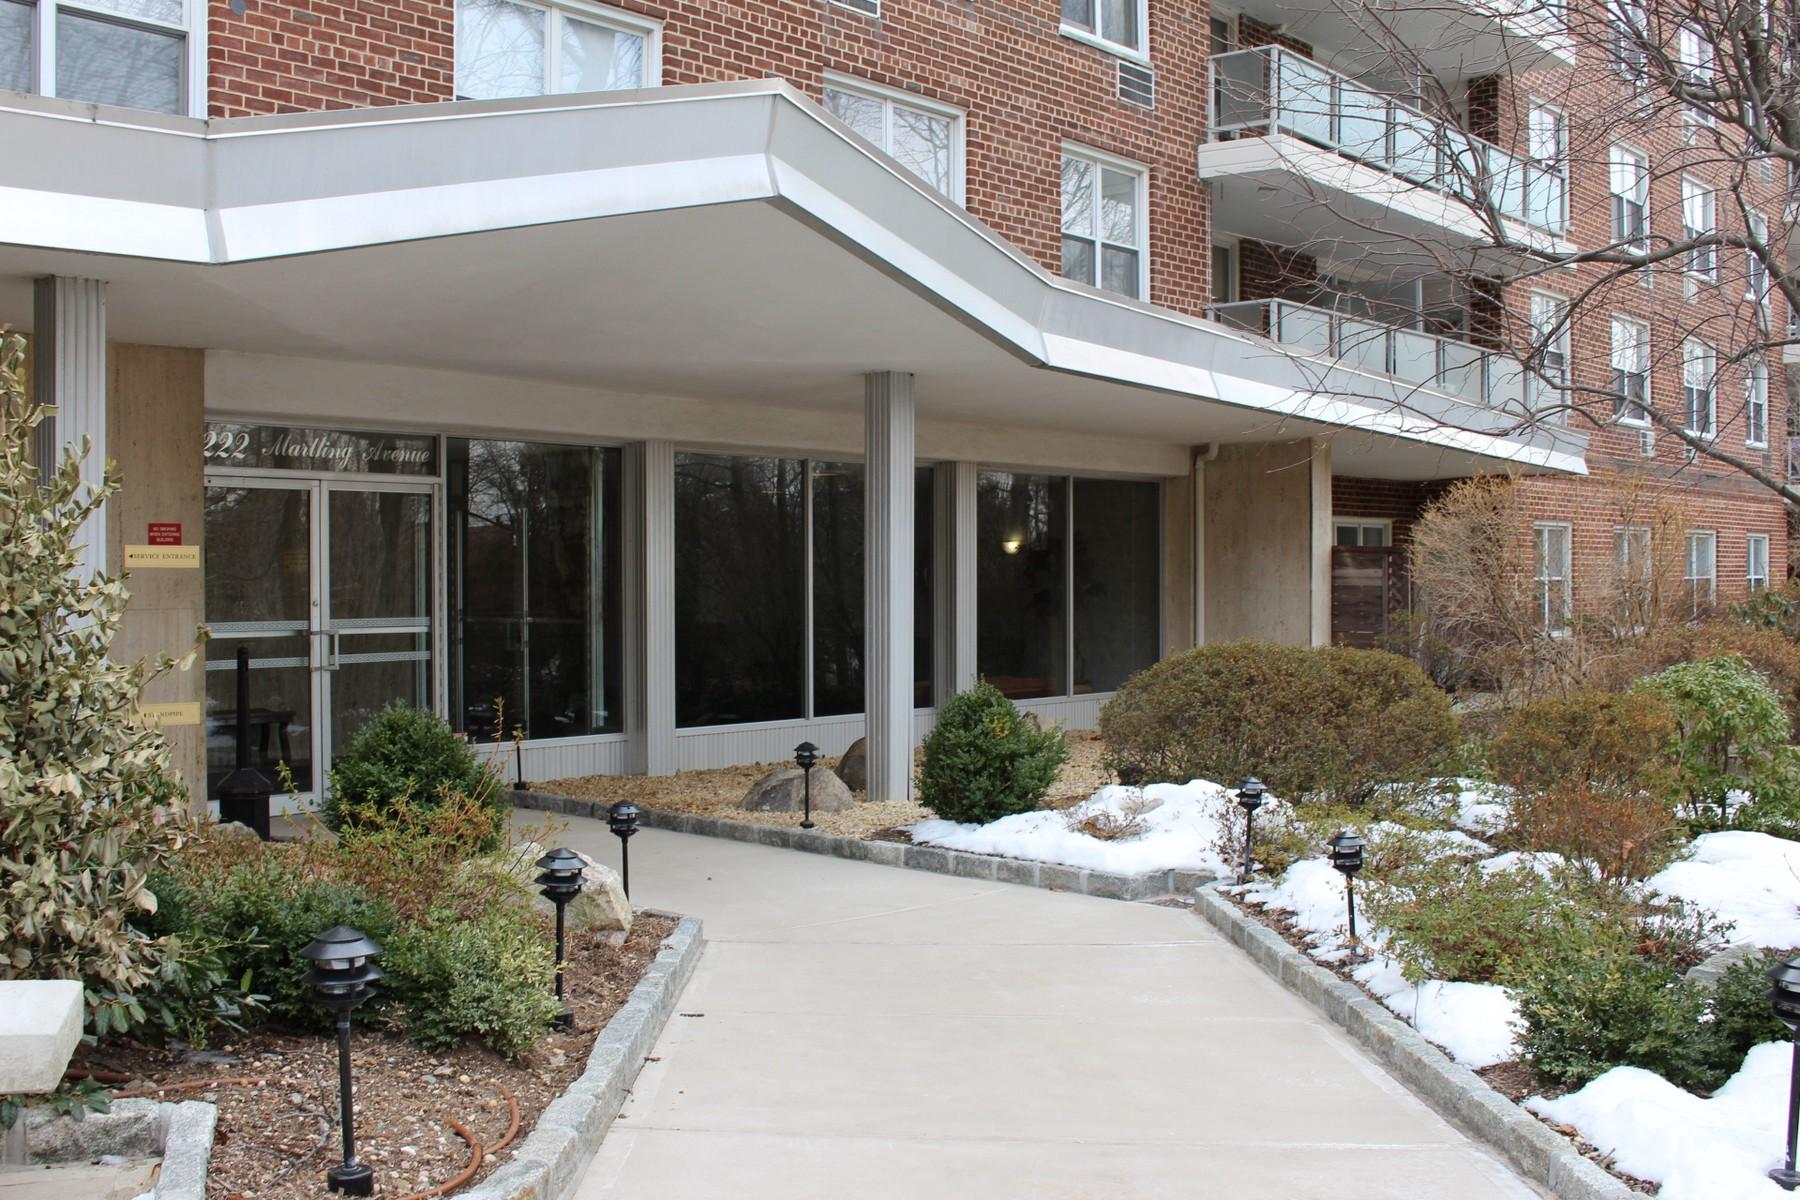 Cooperativa por un Venta en Spacious 3 Bedroom Co-Op at Castle Heights 222 Martling Avenue Tarrytown, Nueva York 10591 Estados Unidos